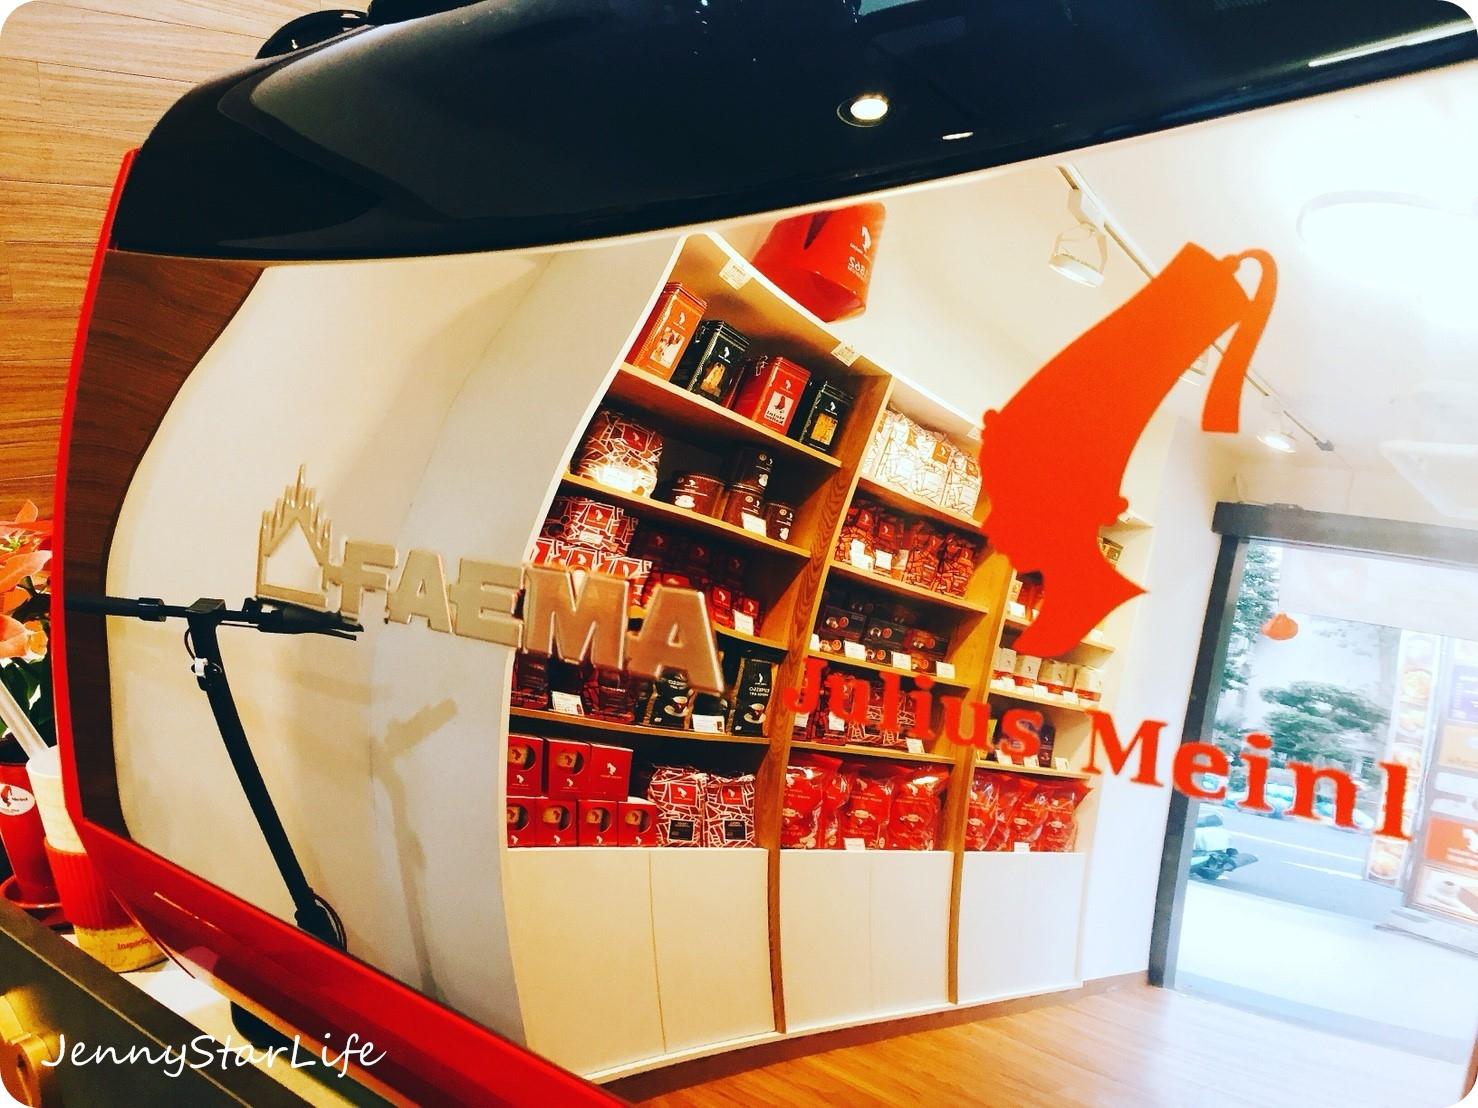 【食記】臺北大安區小紅帽咖啡 推薦 Julius Meinl 奧地利咖啡專賣 咖啡外帶店 -外觀篇 - 小紅帽咖啡